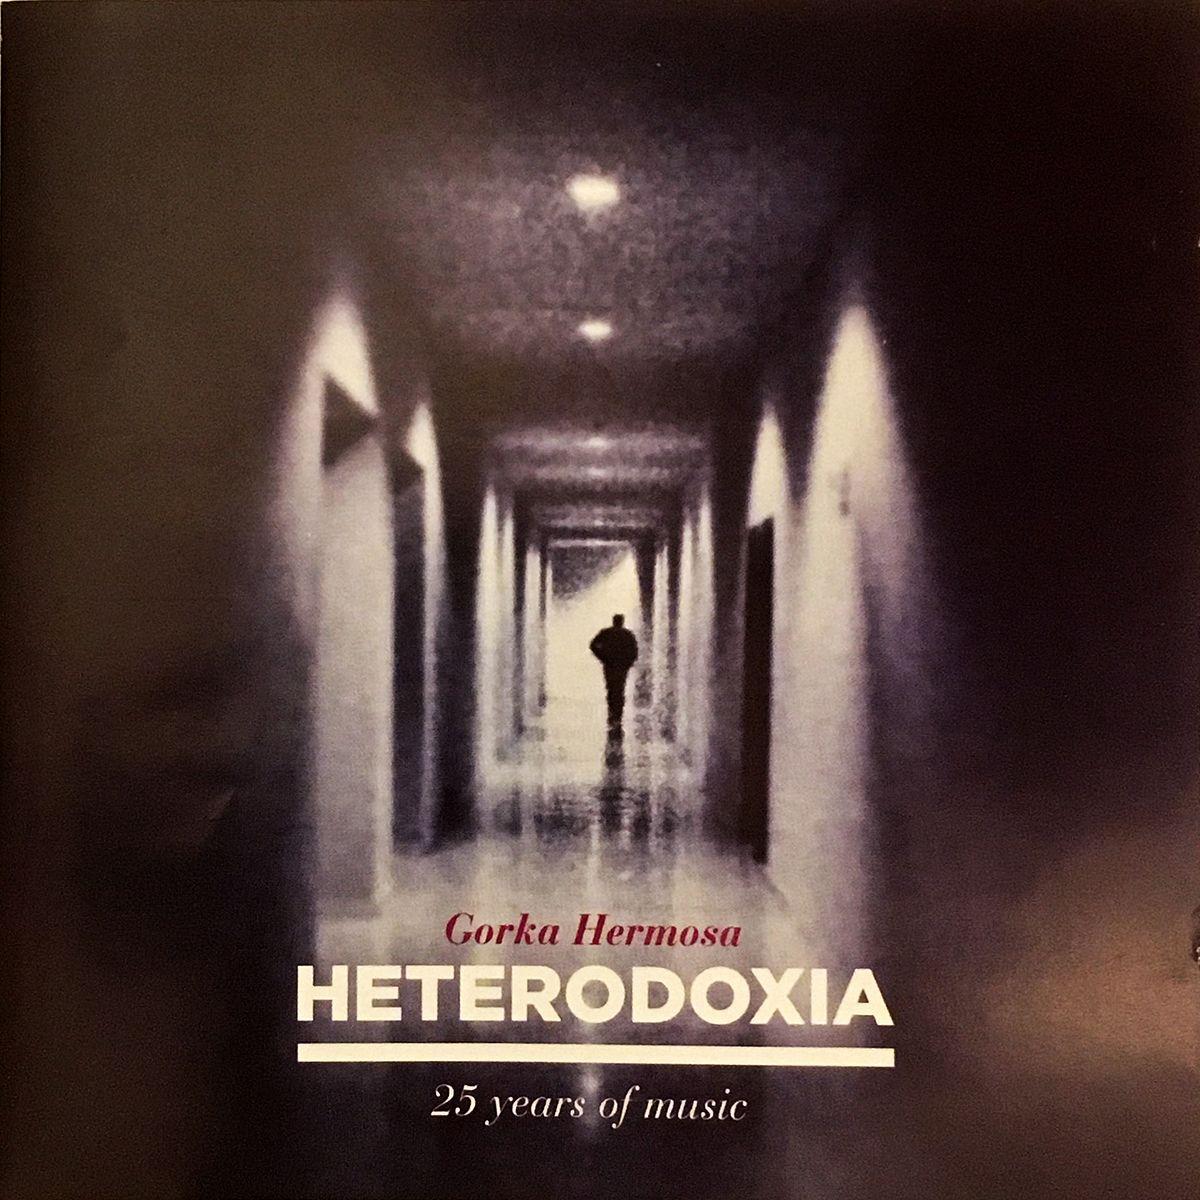 Heterodoxia. Gorka Hermosa